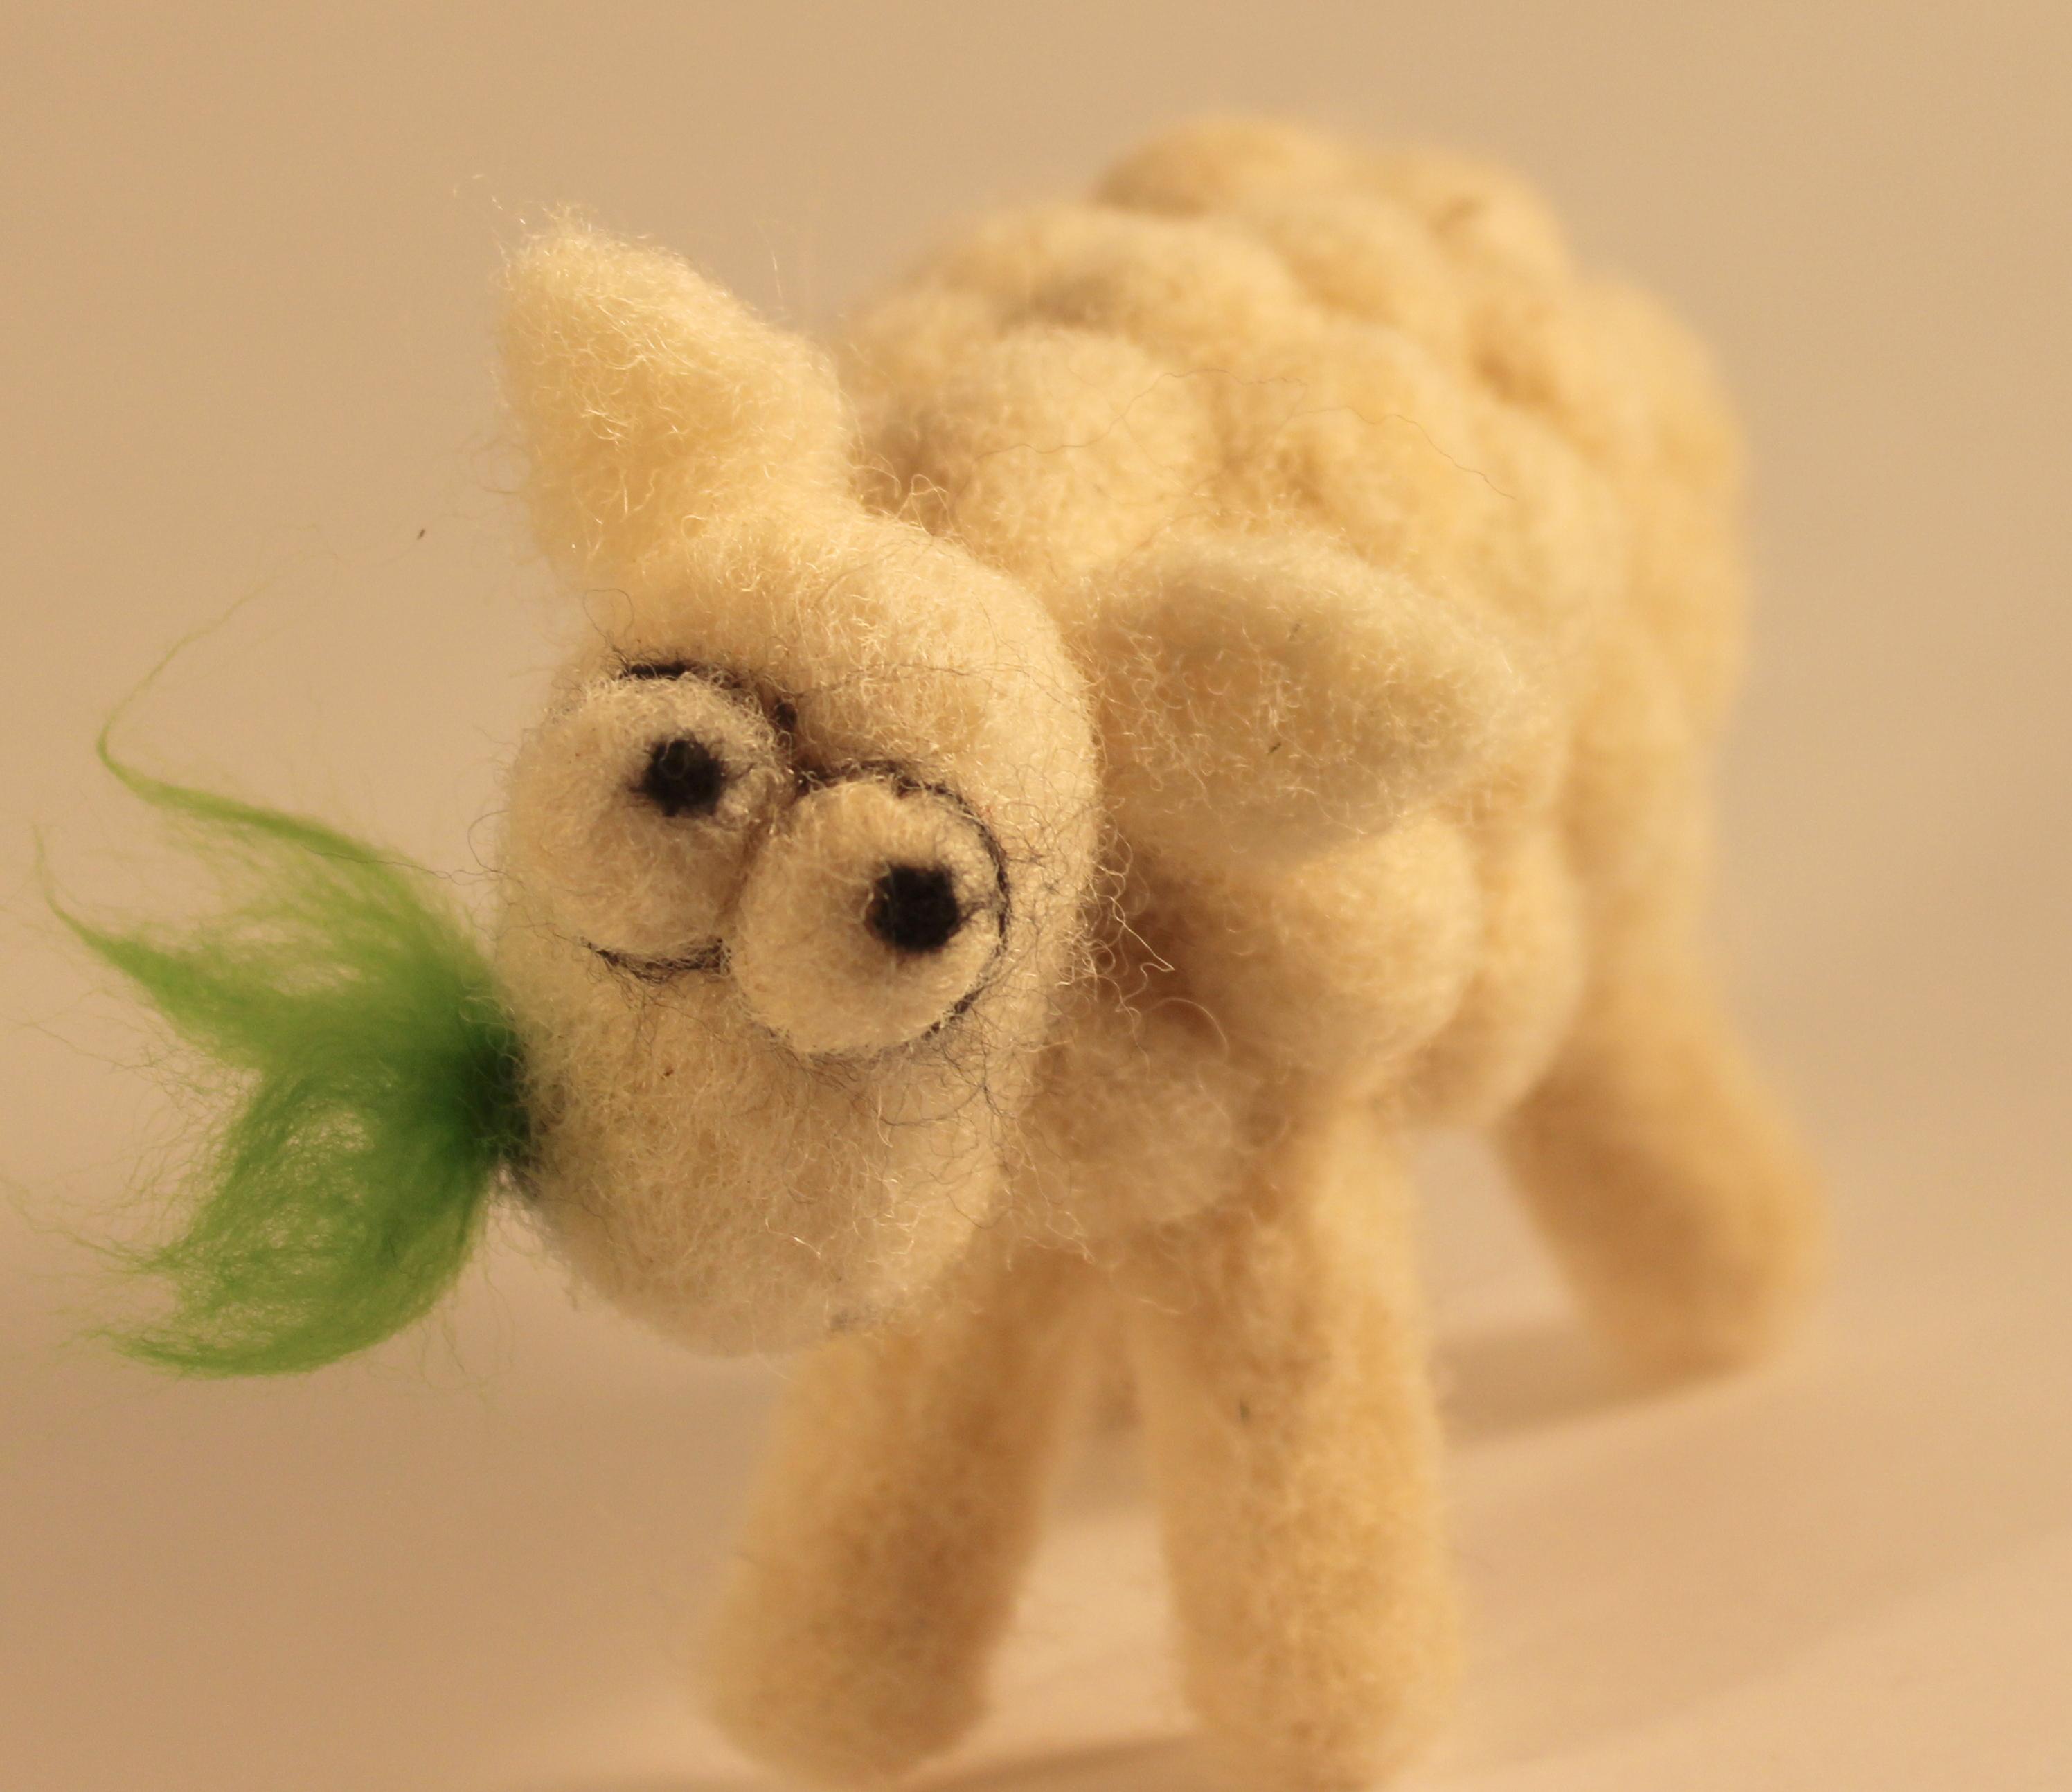 Sheepish sheep